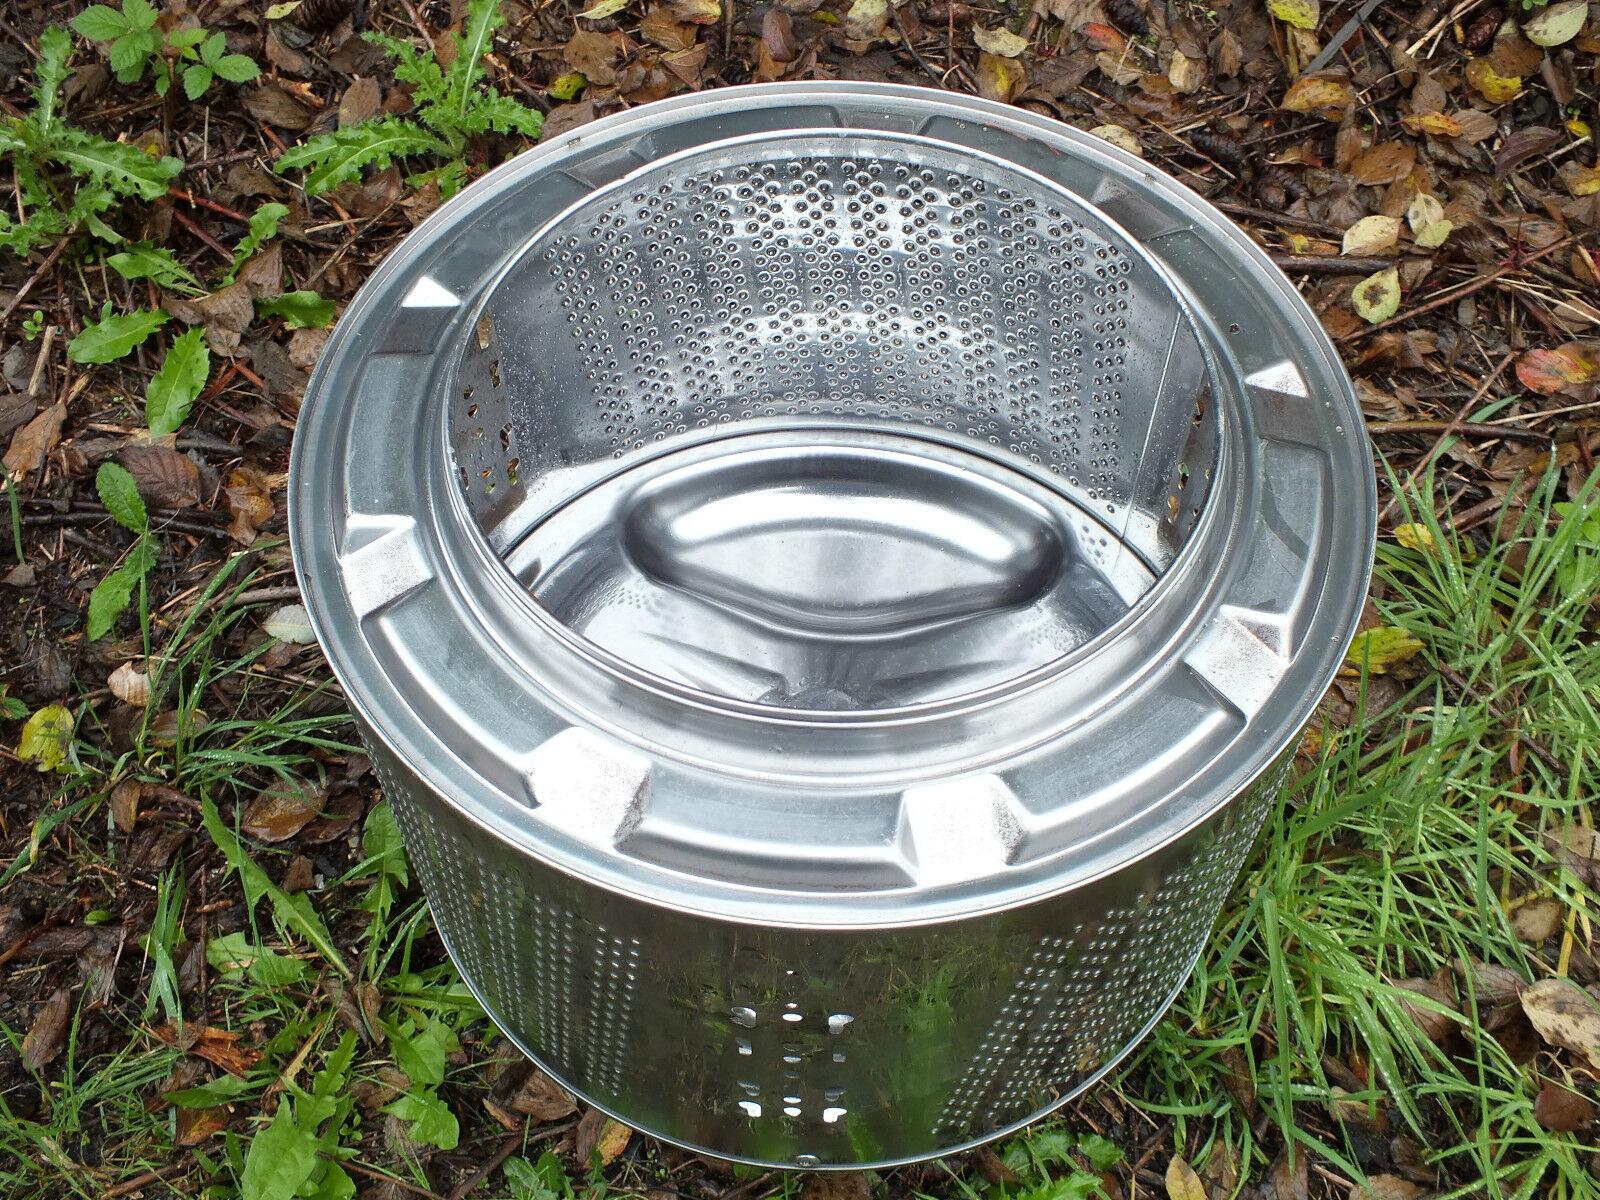 Waschmaschinentrommel als Grill, Feuerstelle,Feuerkorb oder Outdoor-Heizung.....